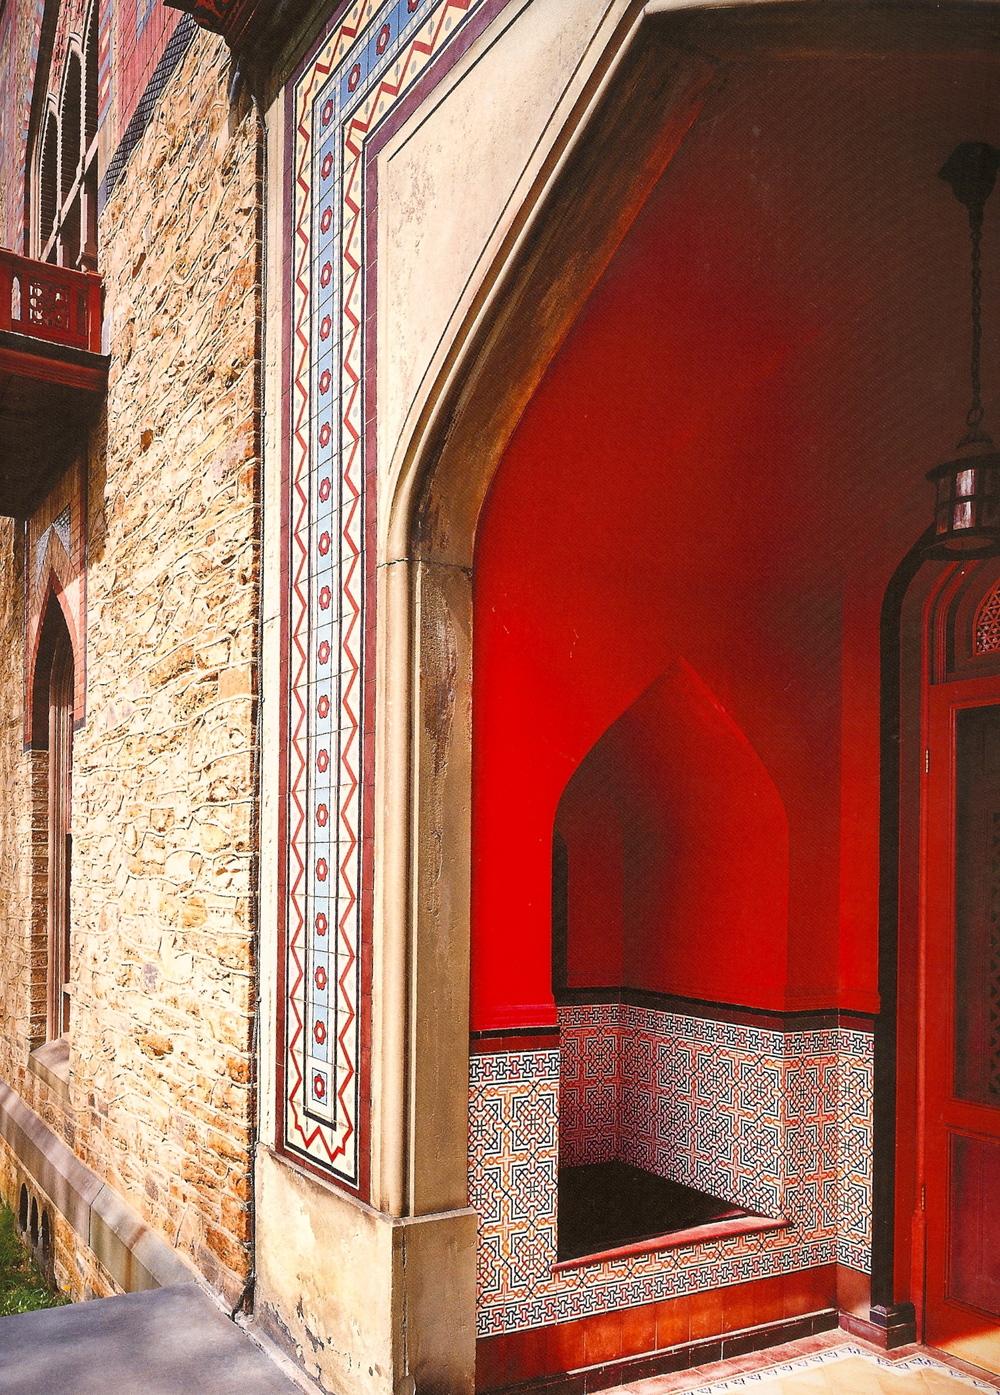 Entrance to Olana